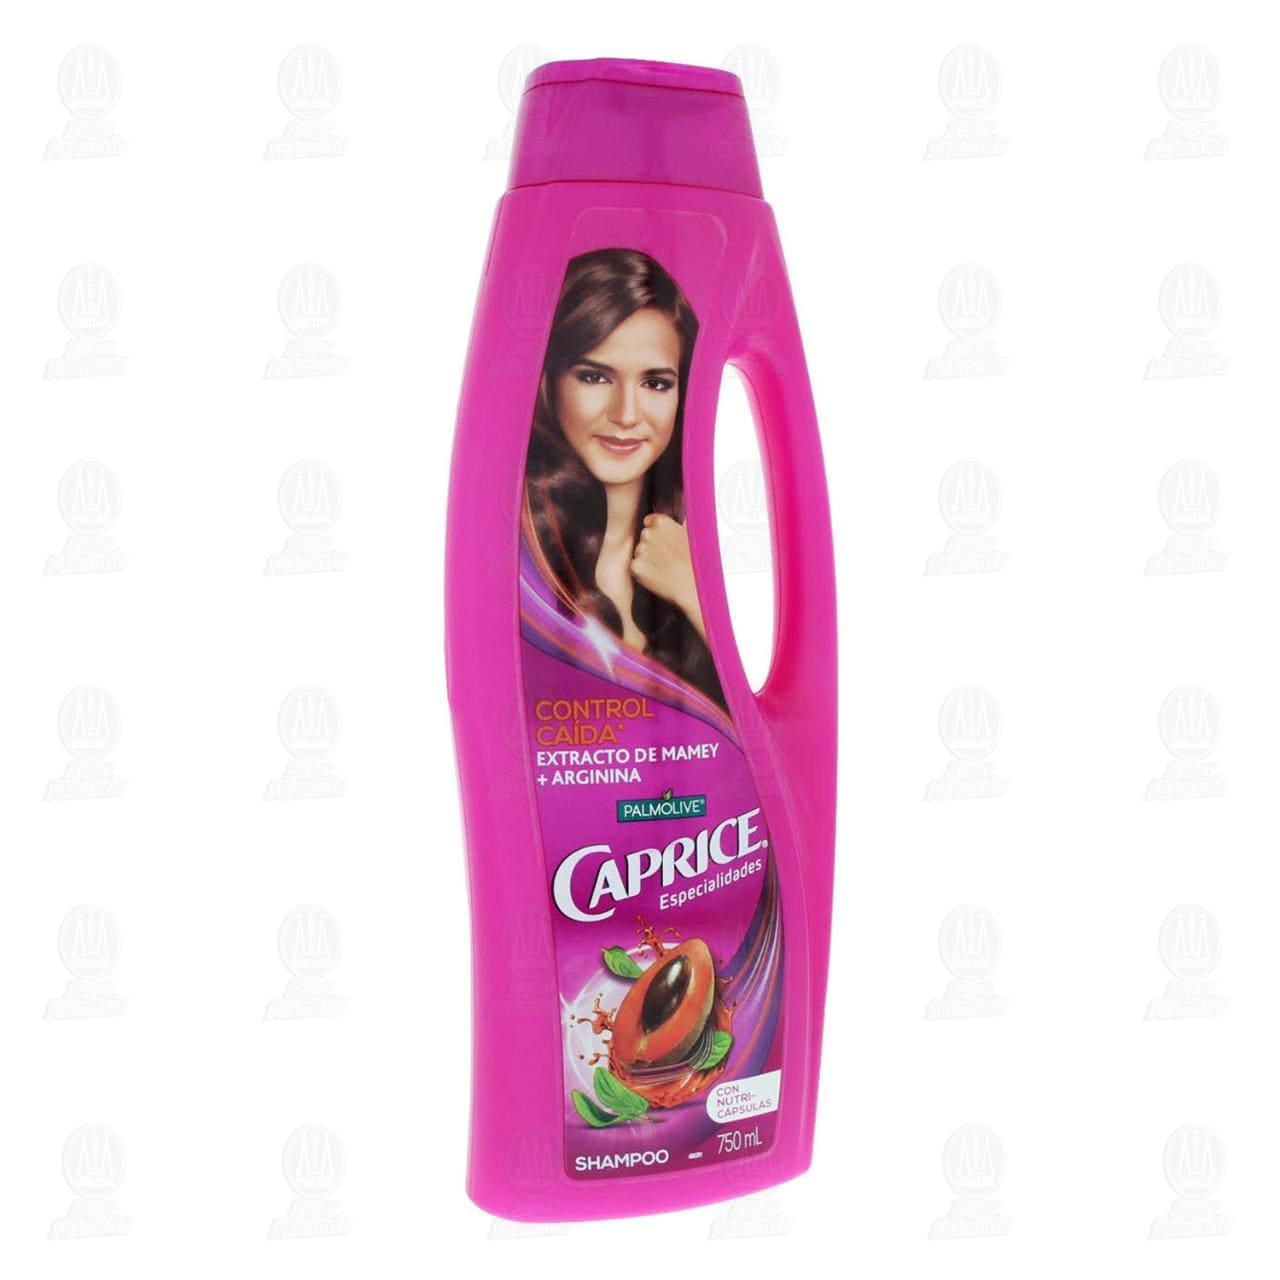 Comprar Shampoo Caprice Especialidades Control Caída Mamey + Arginina, 750 ml. en Farmacias Guadalajara